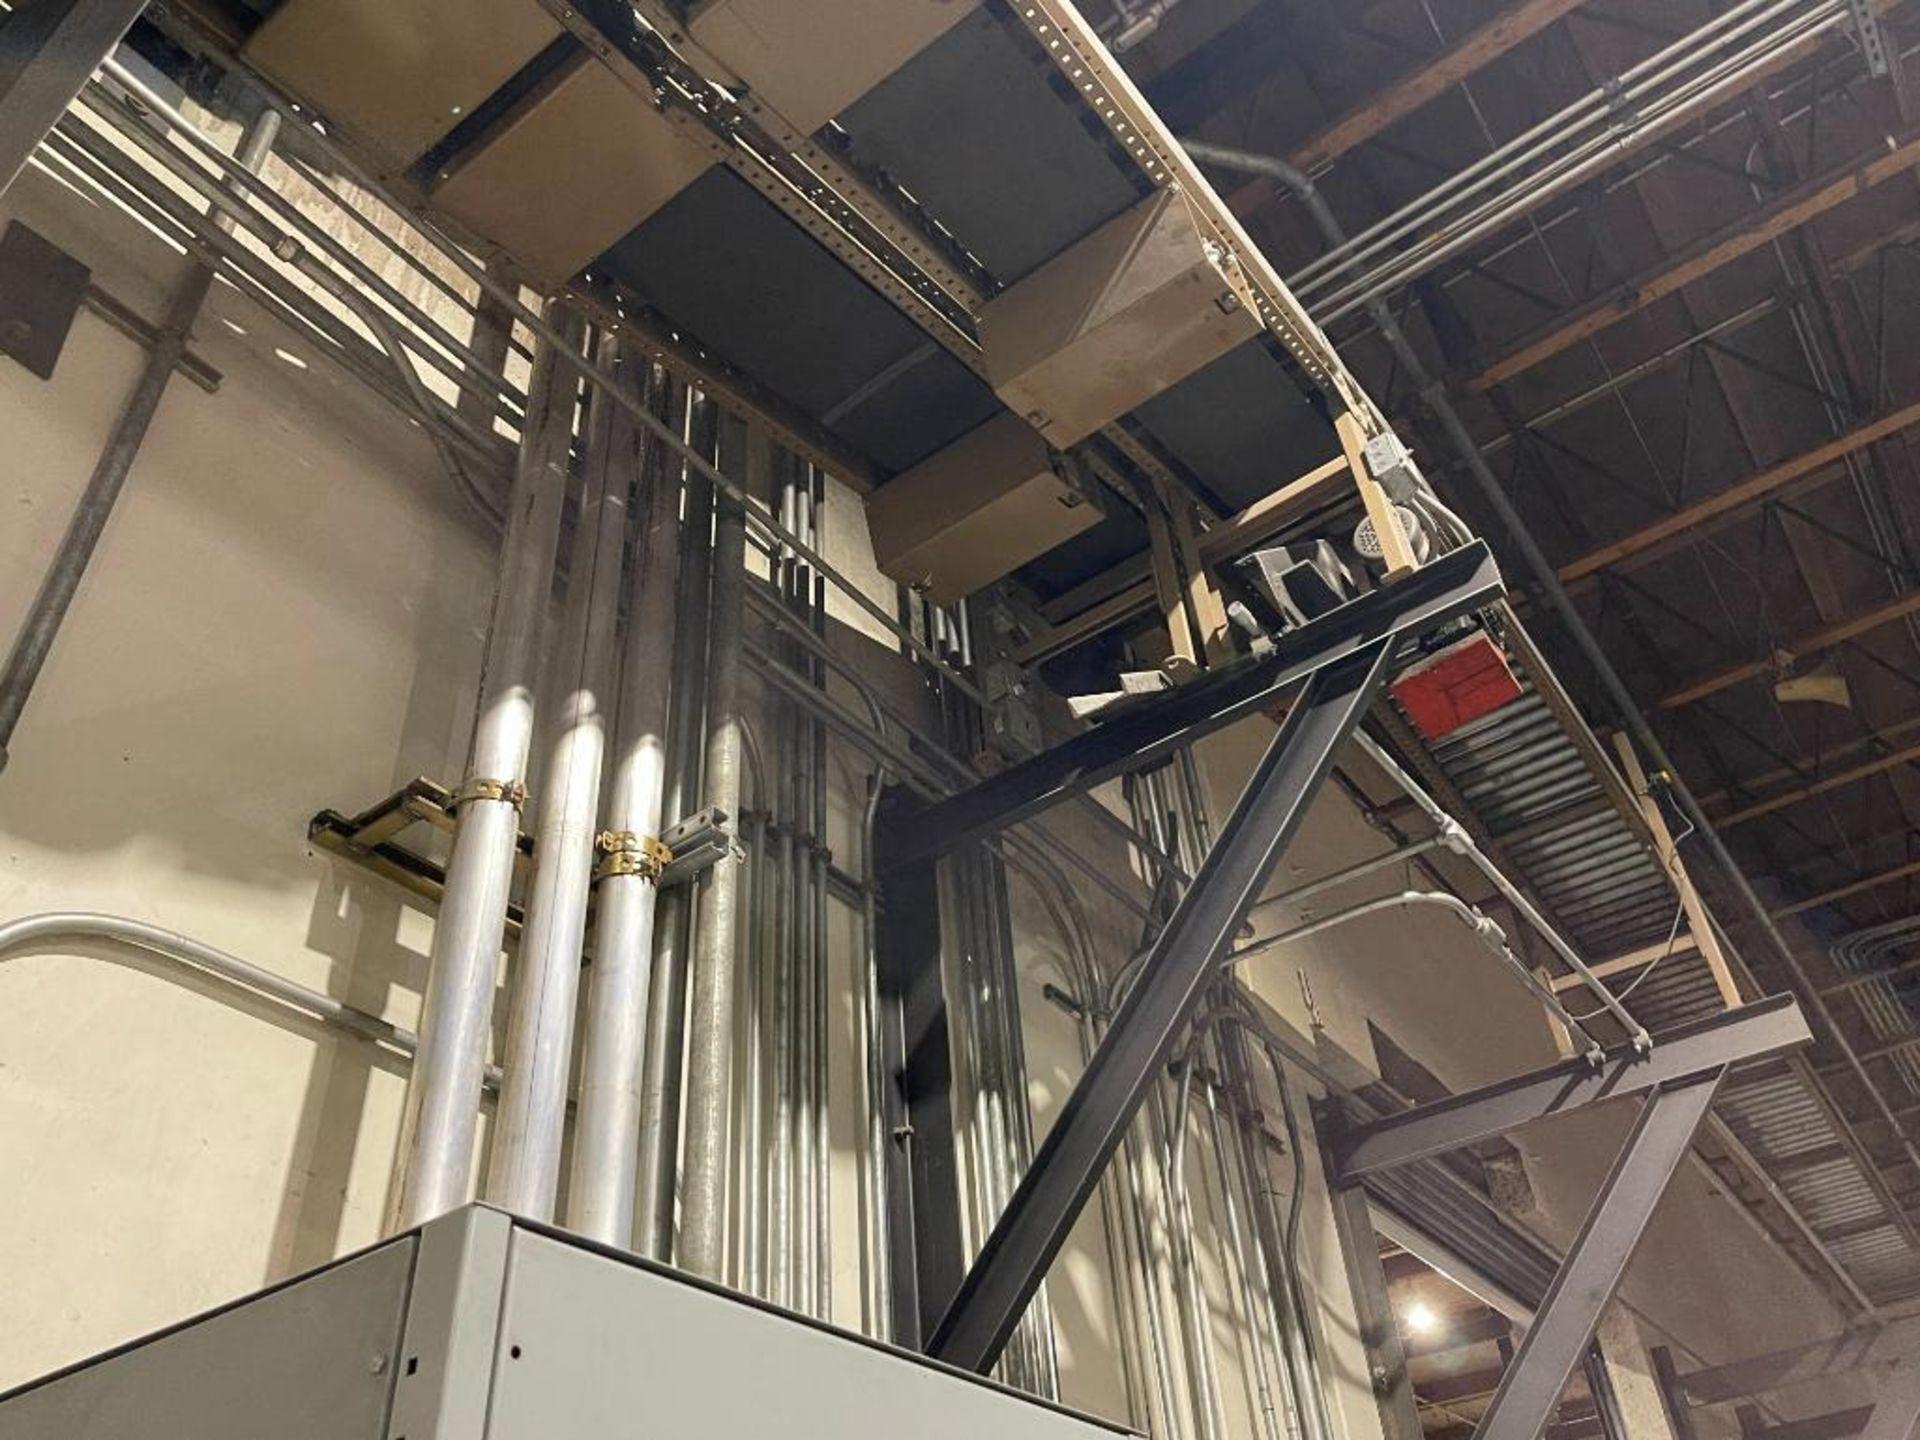 270 ft. of mild steel power roller and power belt overhead conveyor - Image 12 of 12